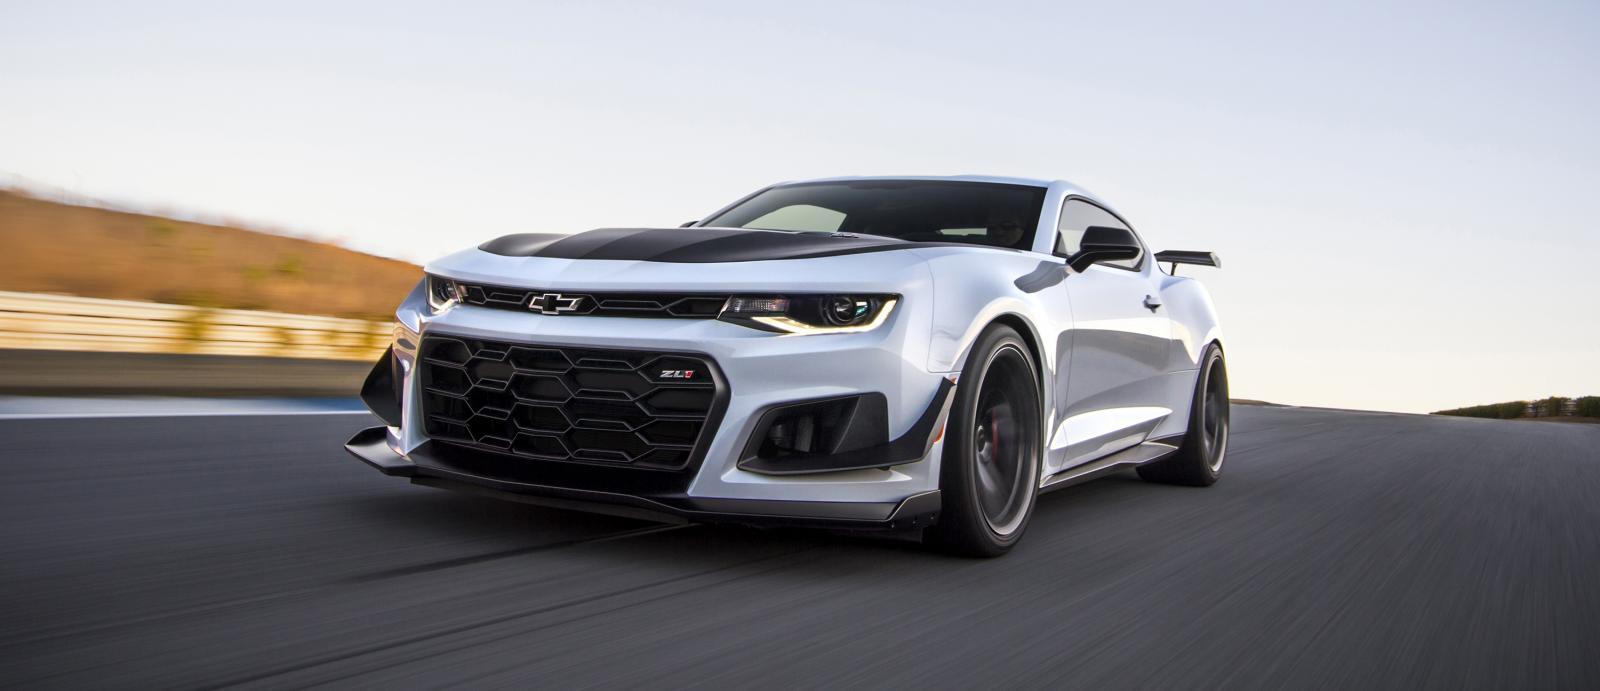 Name:  2019-Chevrolet-Camaro-ZL1-1LE-015 2.jpg Views: 3607 Size:  75.4 KB